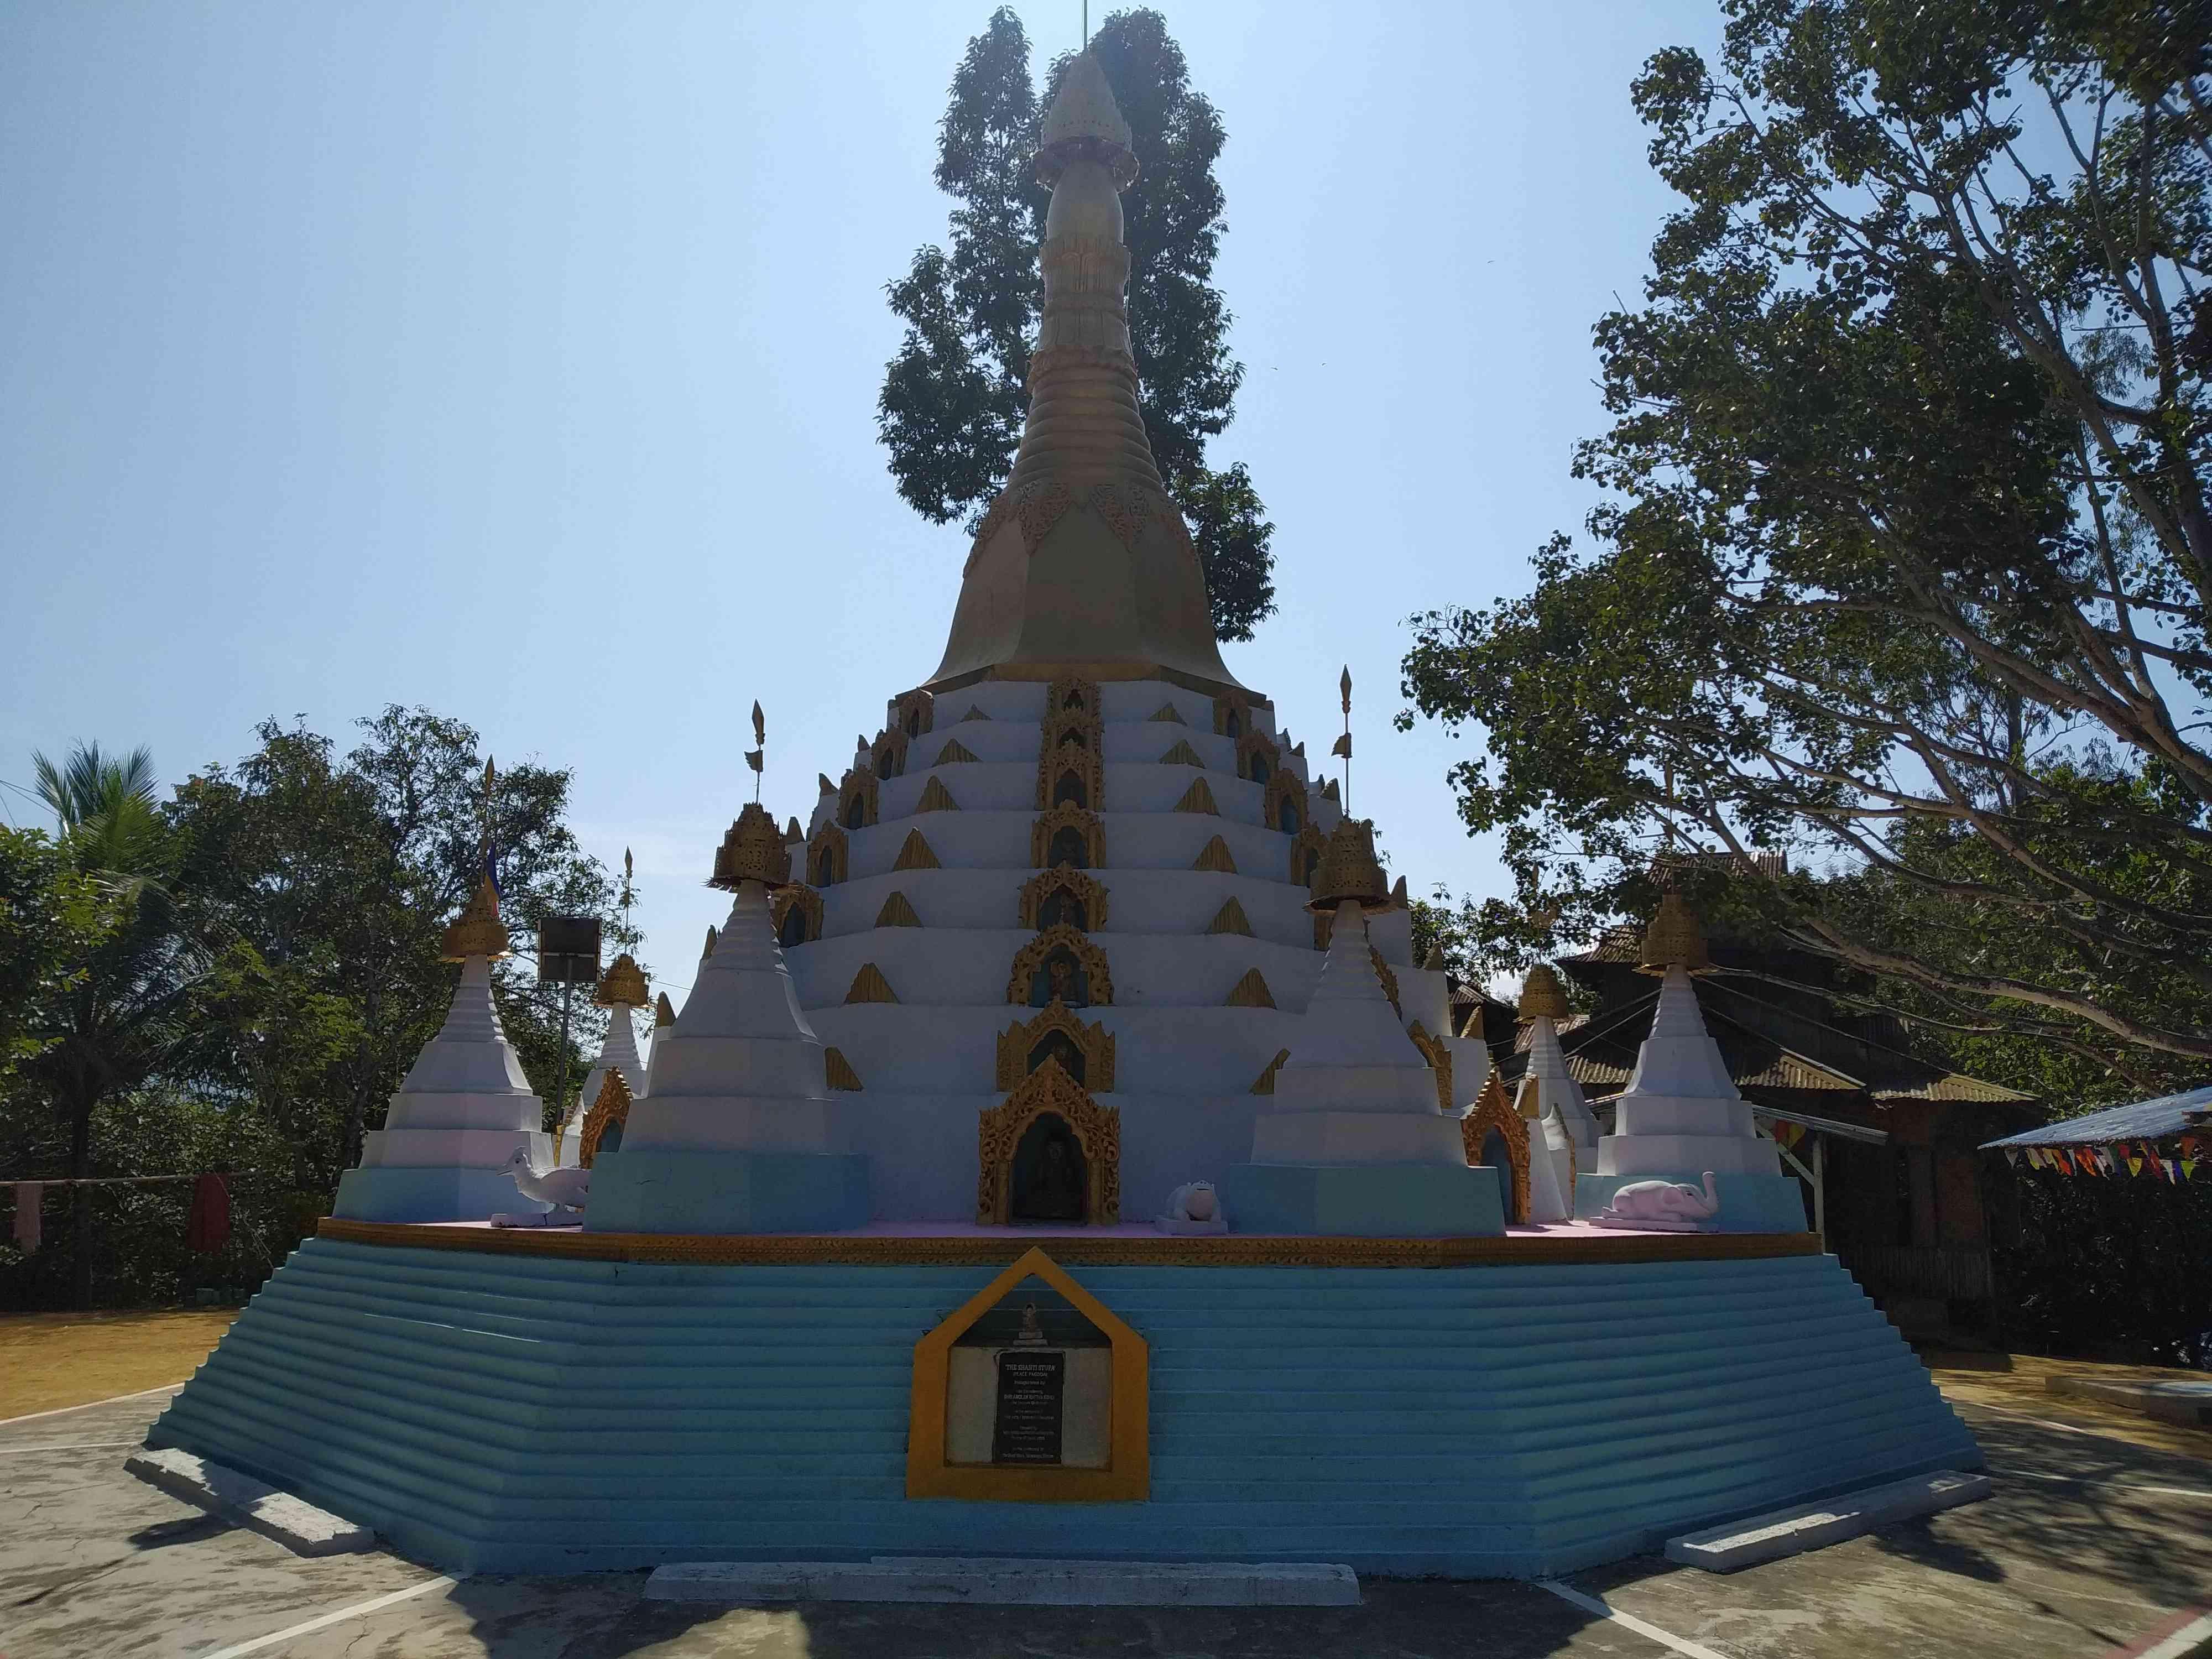 A Buddhist stupa in Kamalanagar